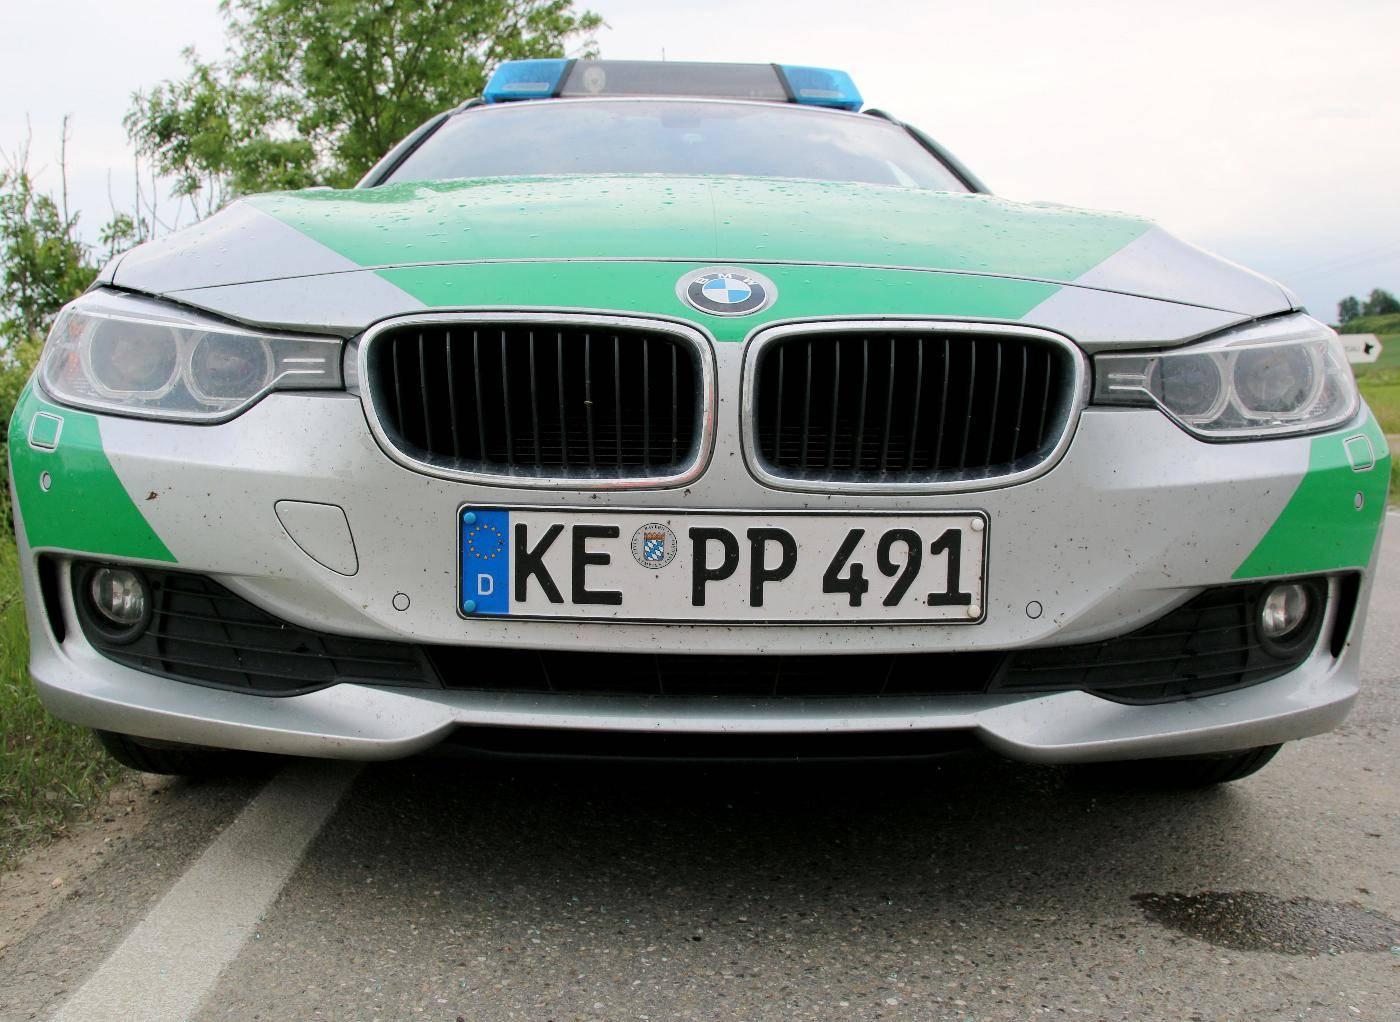 Polizei, Bsaktuell, Schwaben